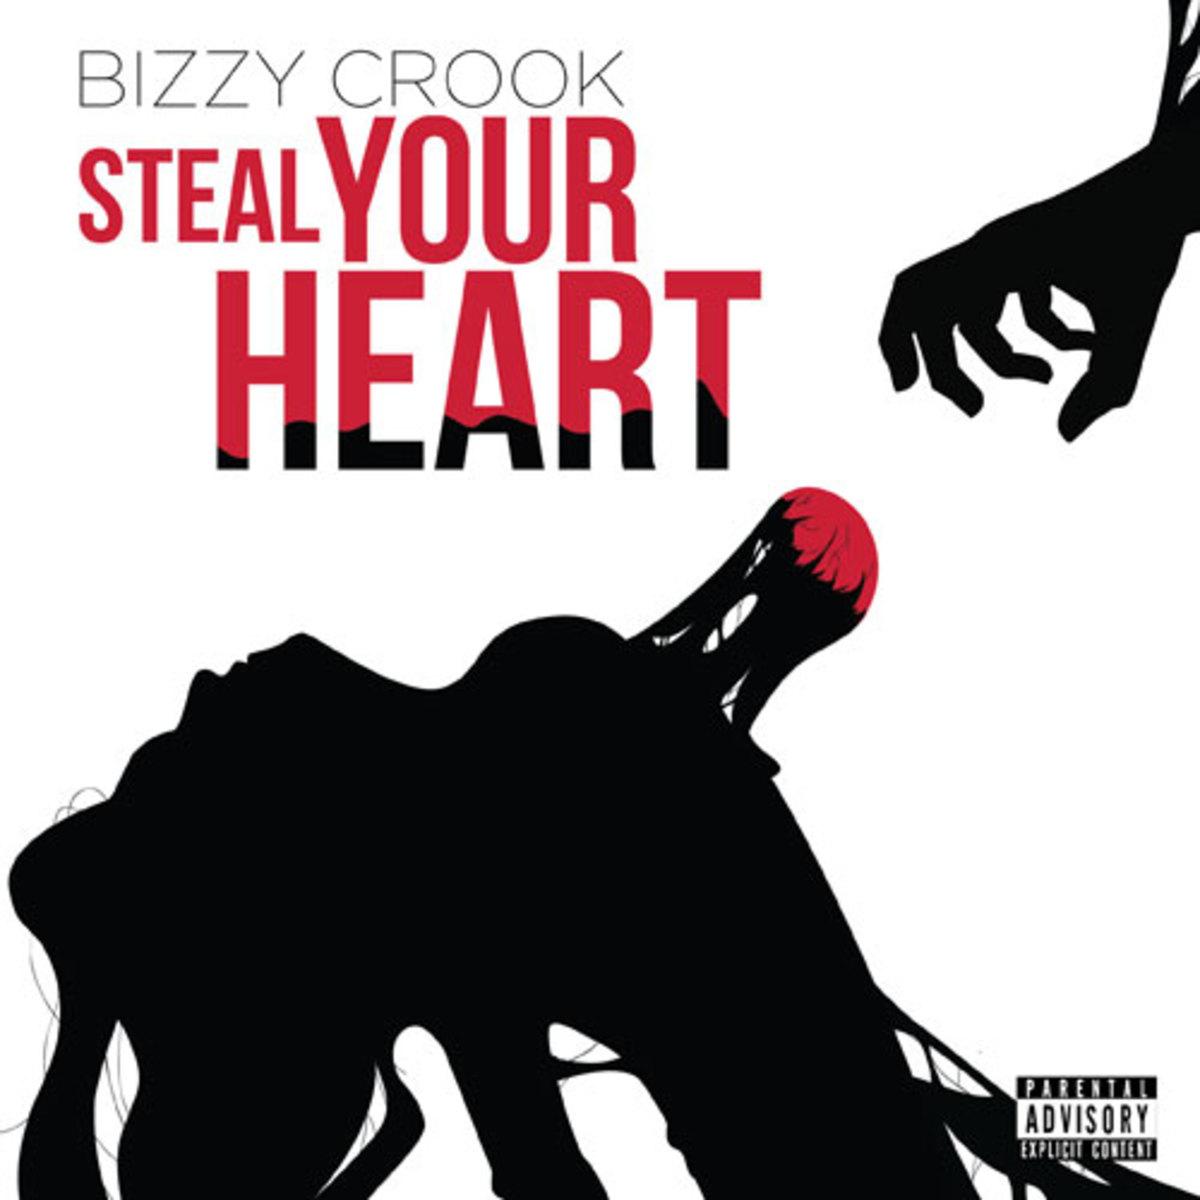 bizzycrook-stealyourheart.jpg